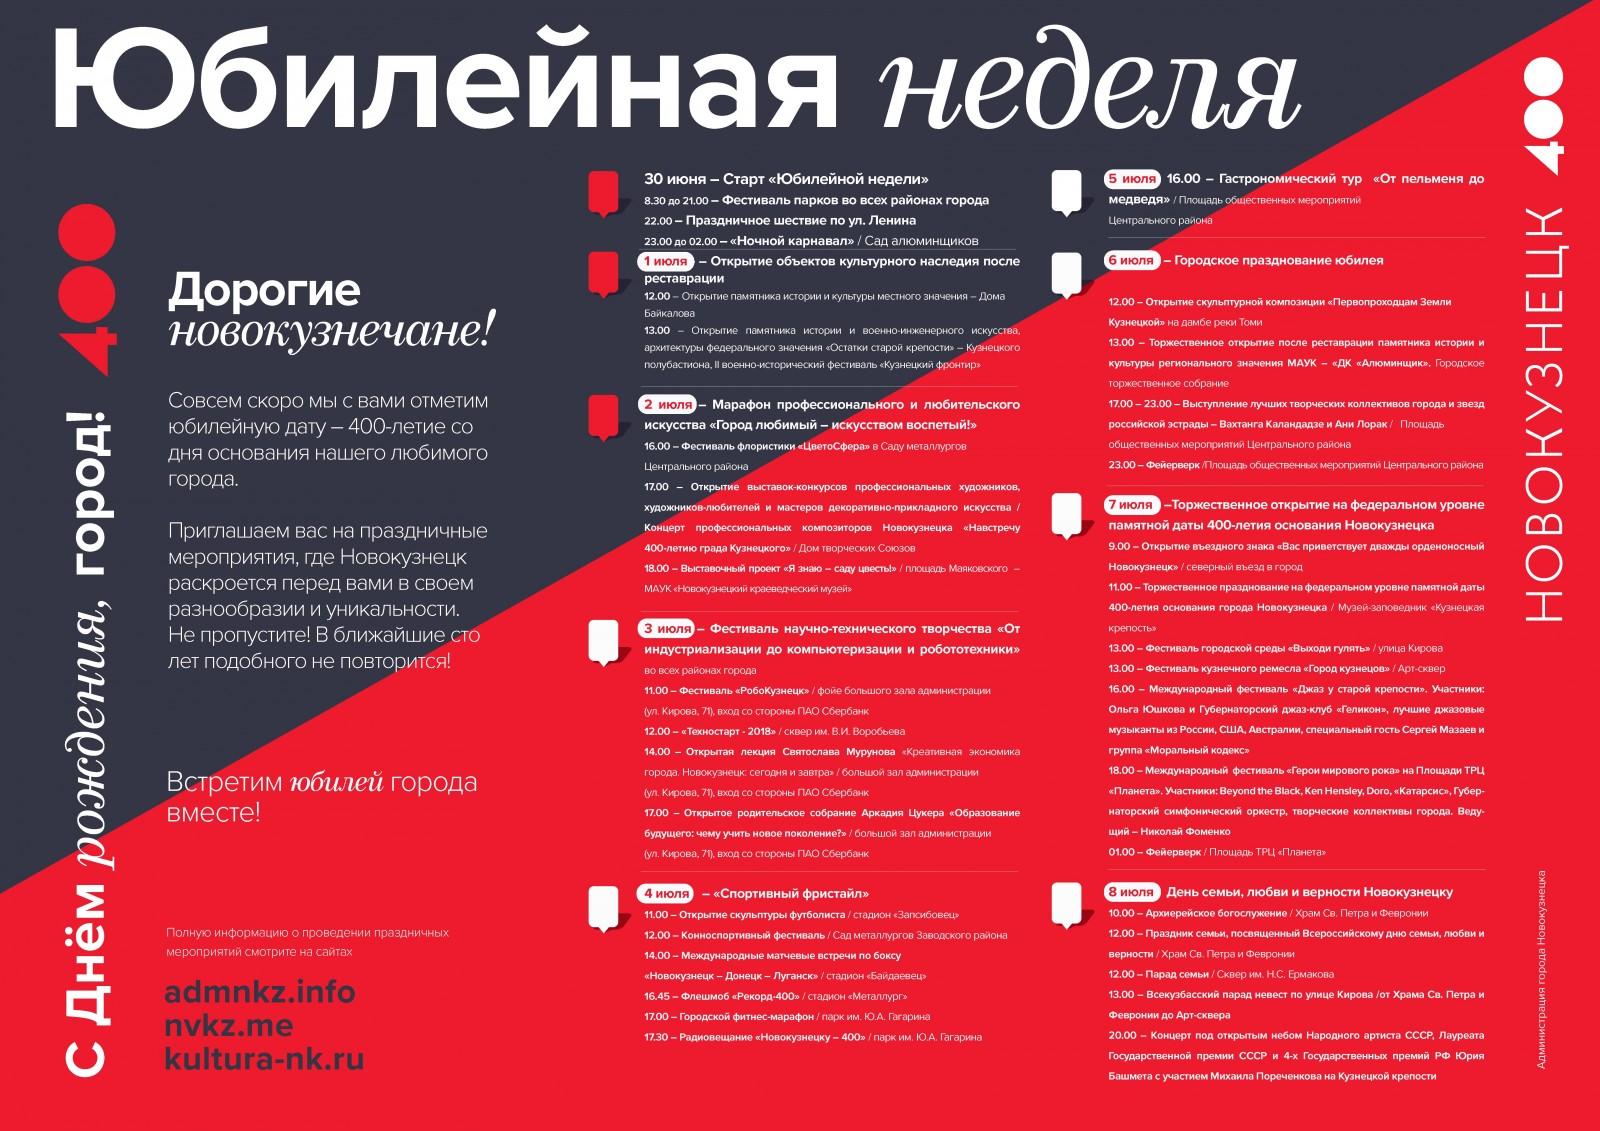 Юбилейная неделя стартовала в Новокузнецке (фото, видео)